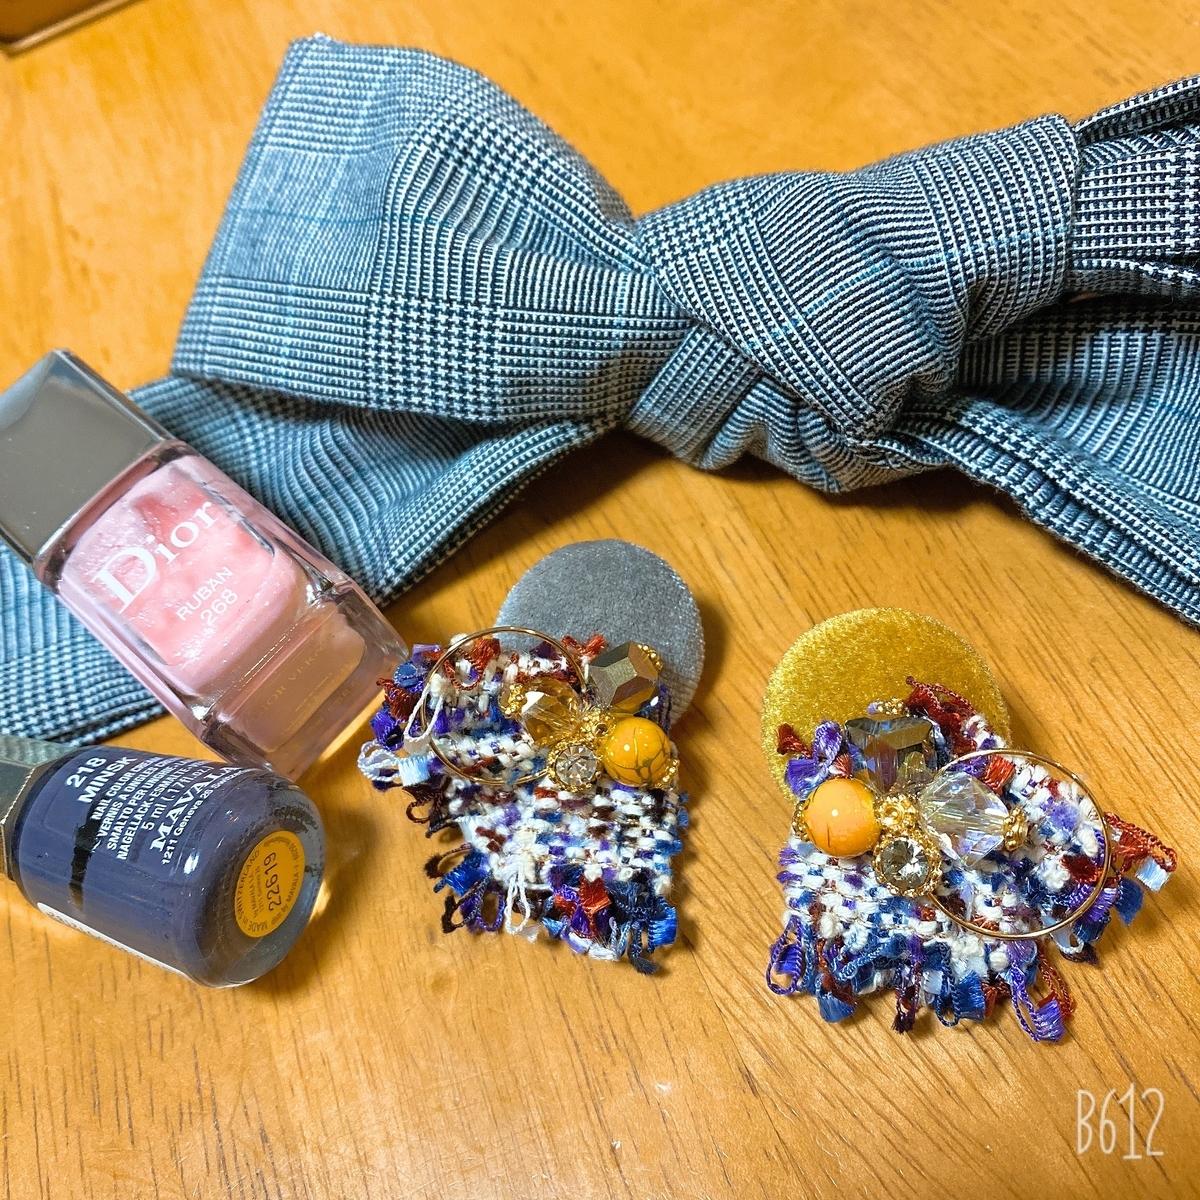 グレーとマスタード色のイヤリング・グレンチェックのリボン・ビンクとグレーのマニュキュアの写真